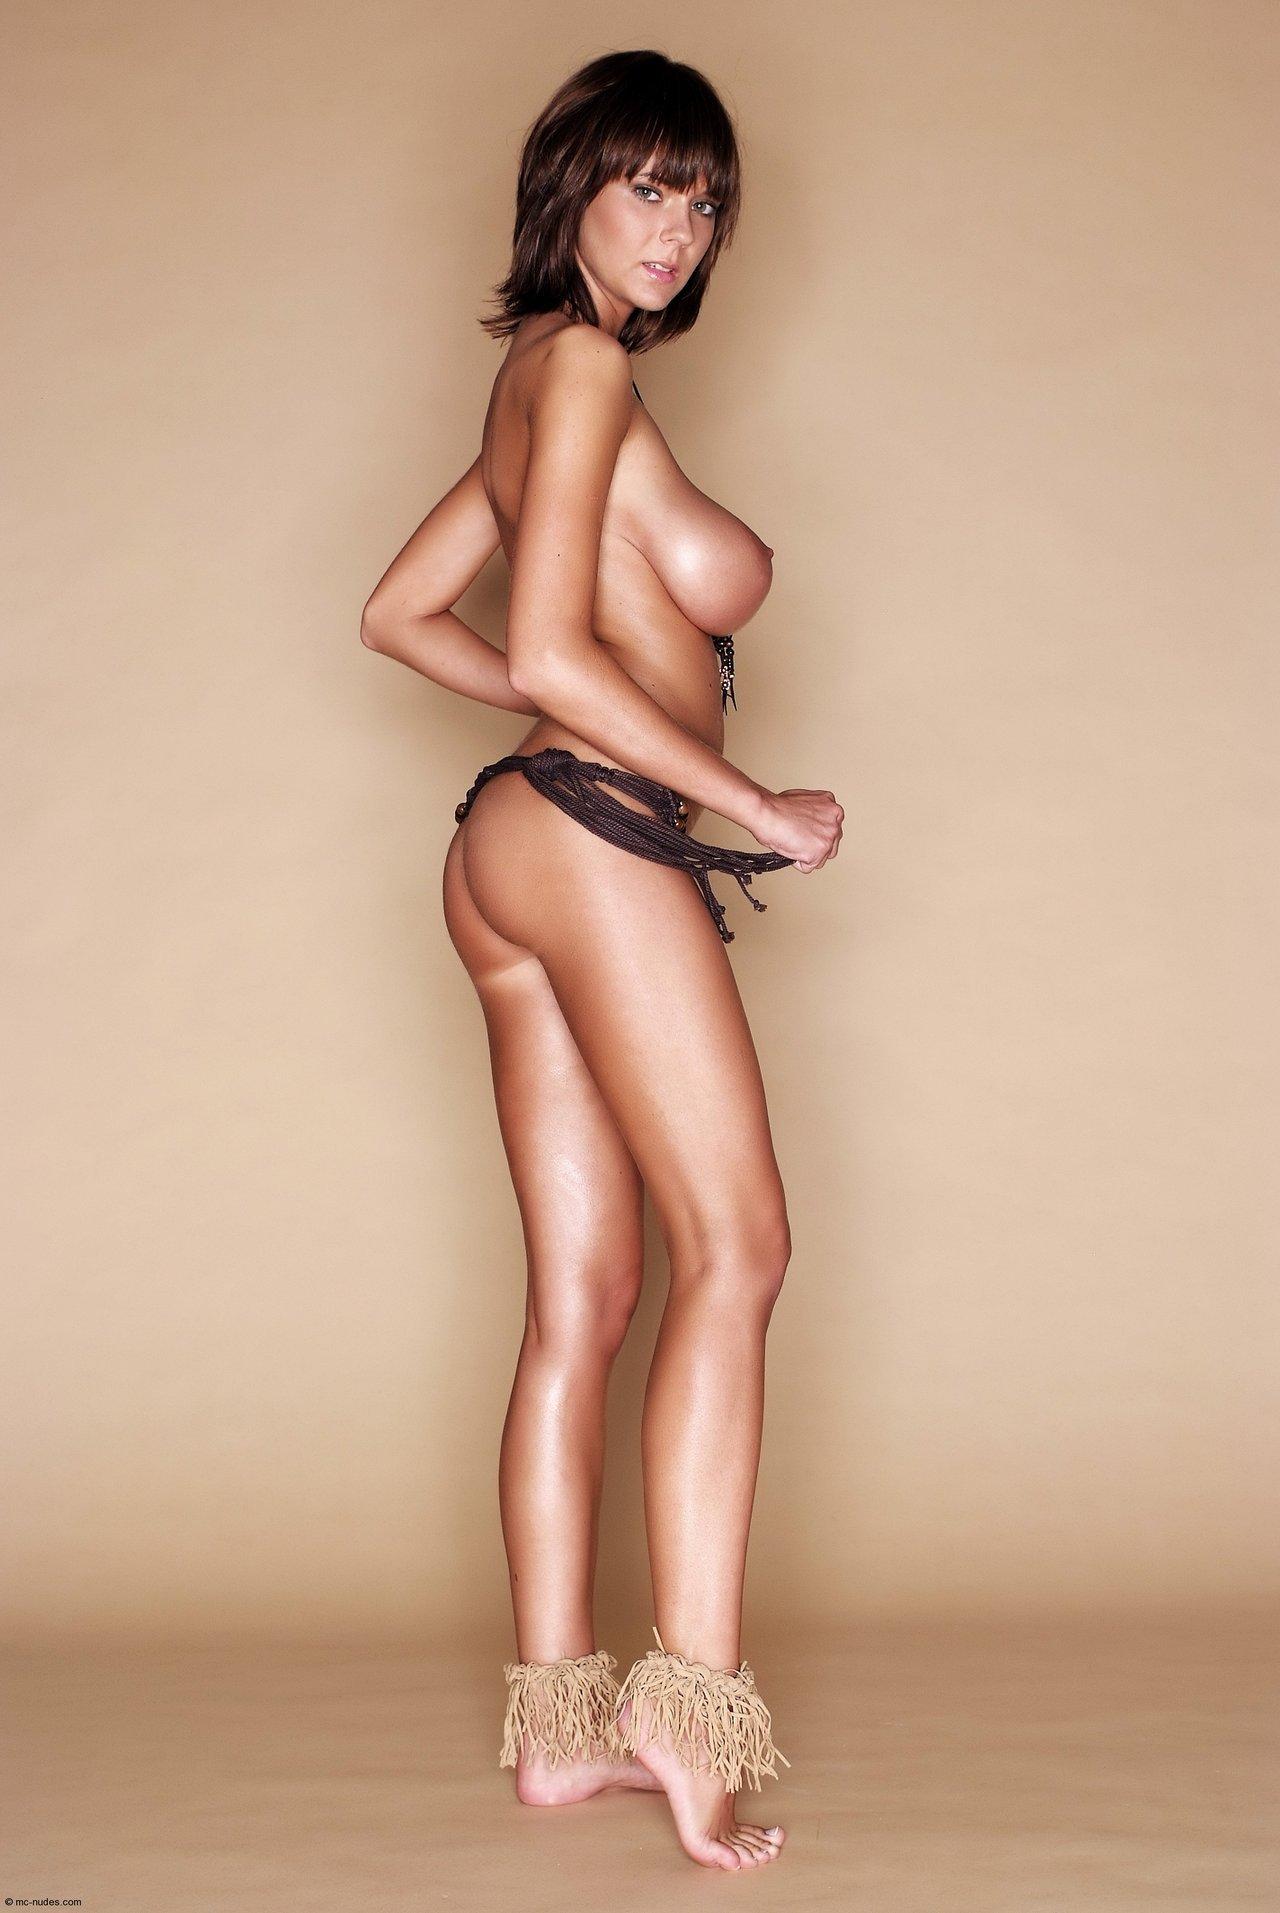 Mary elizabeth winstead nudes